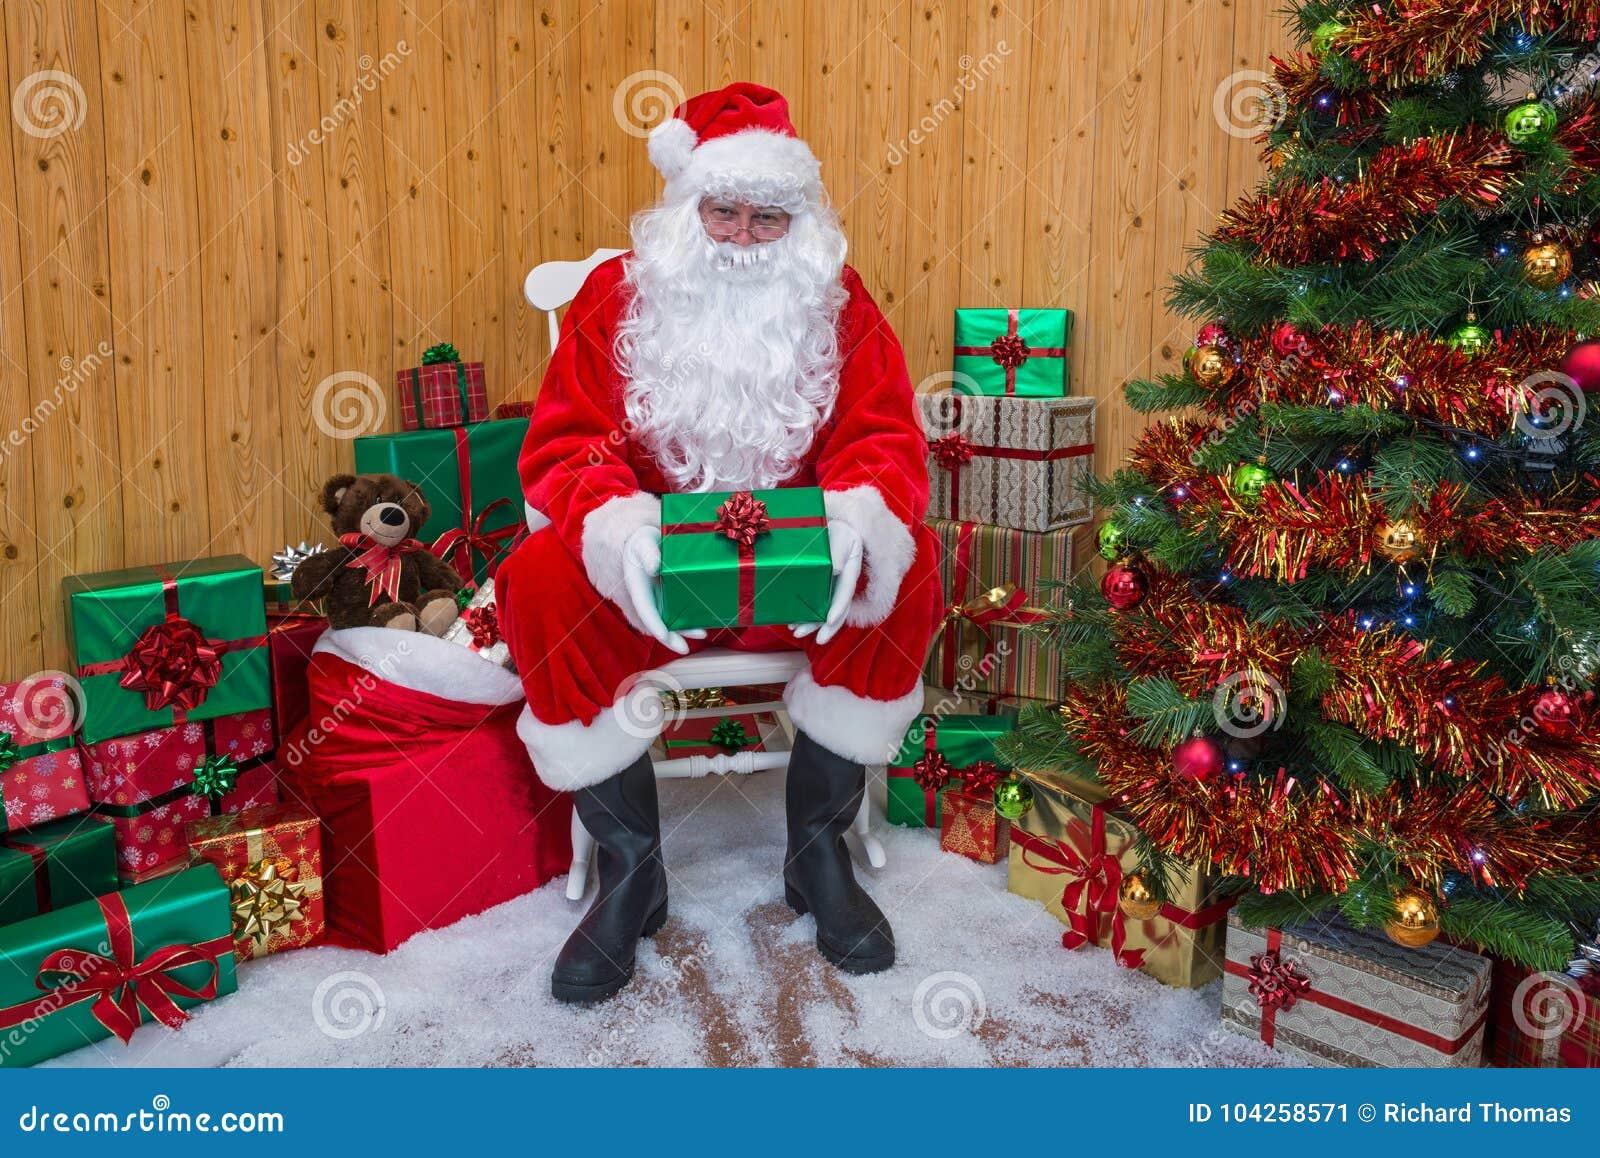 Санта Клаус в гроте давая вам подарок